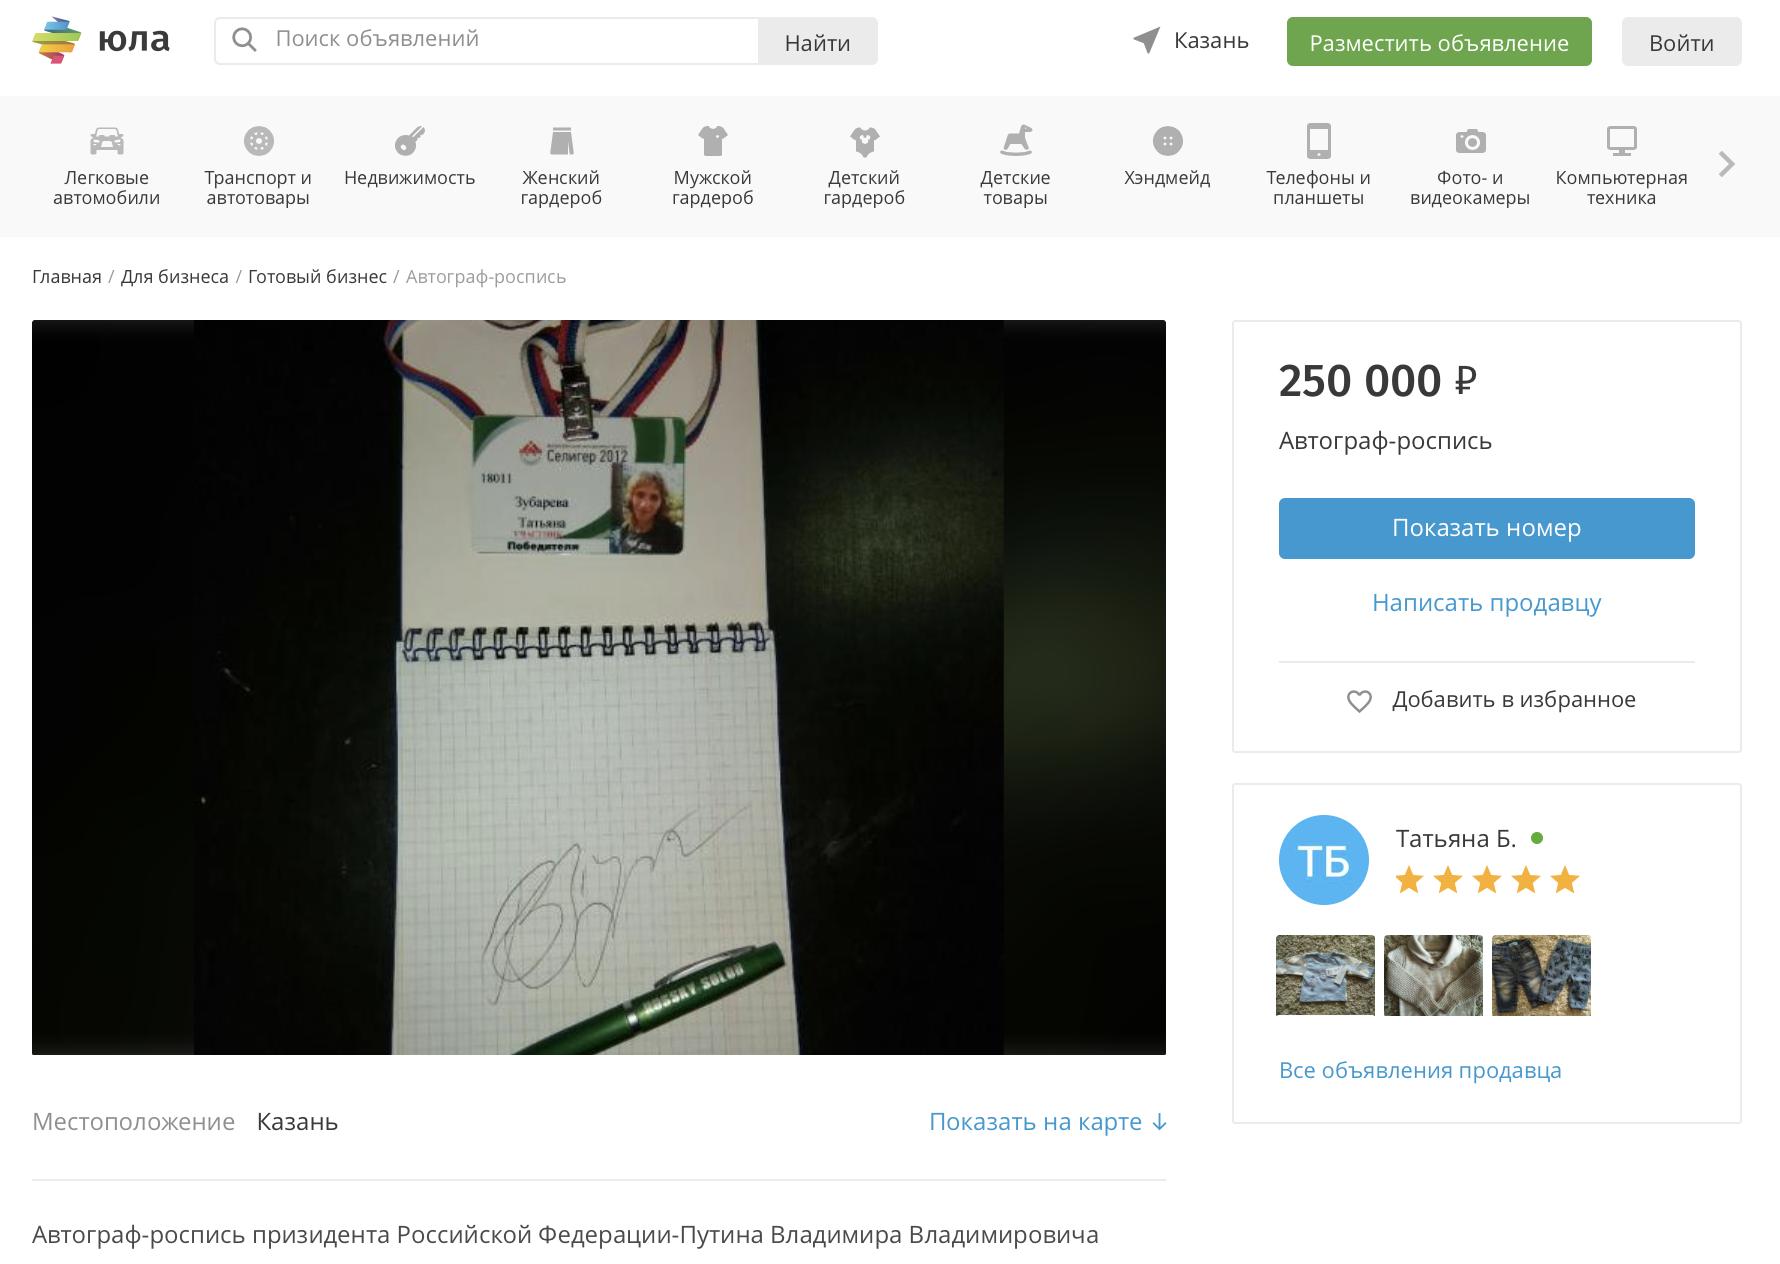 В Казани продают автограф Путина за 250 тыс рублей (ФОТО)